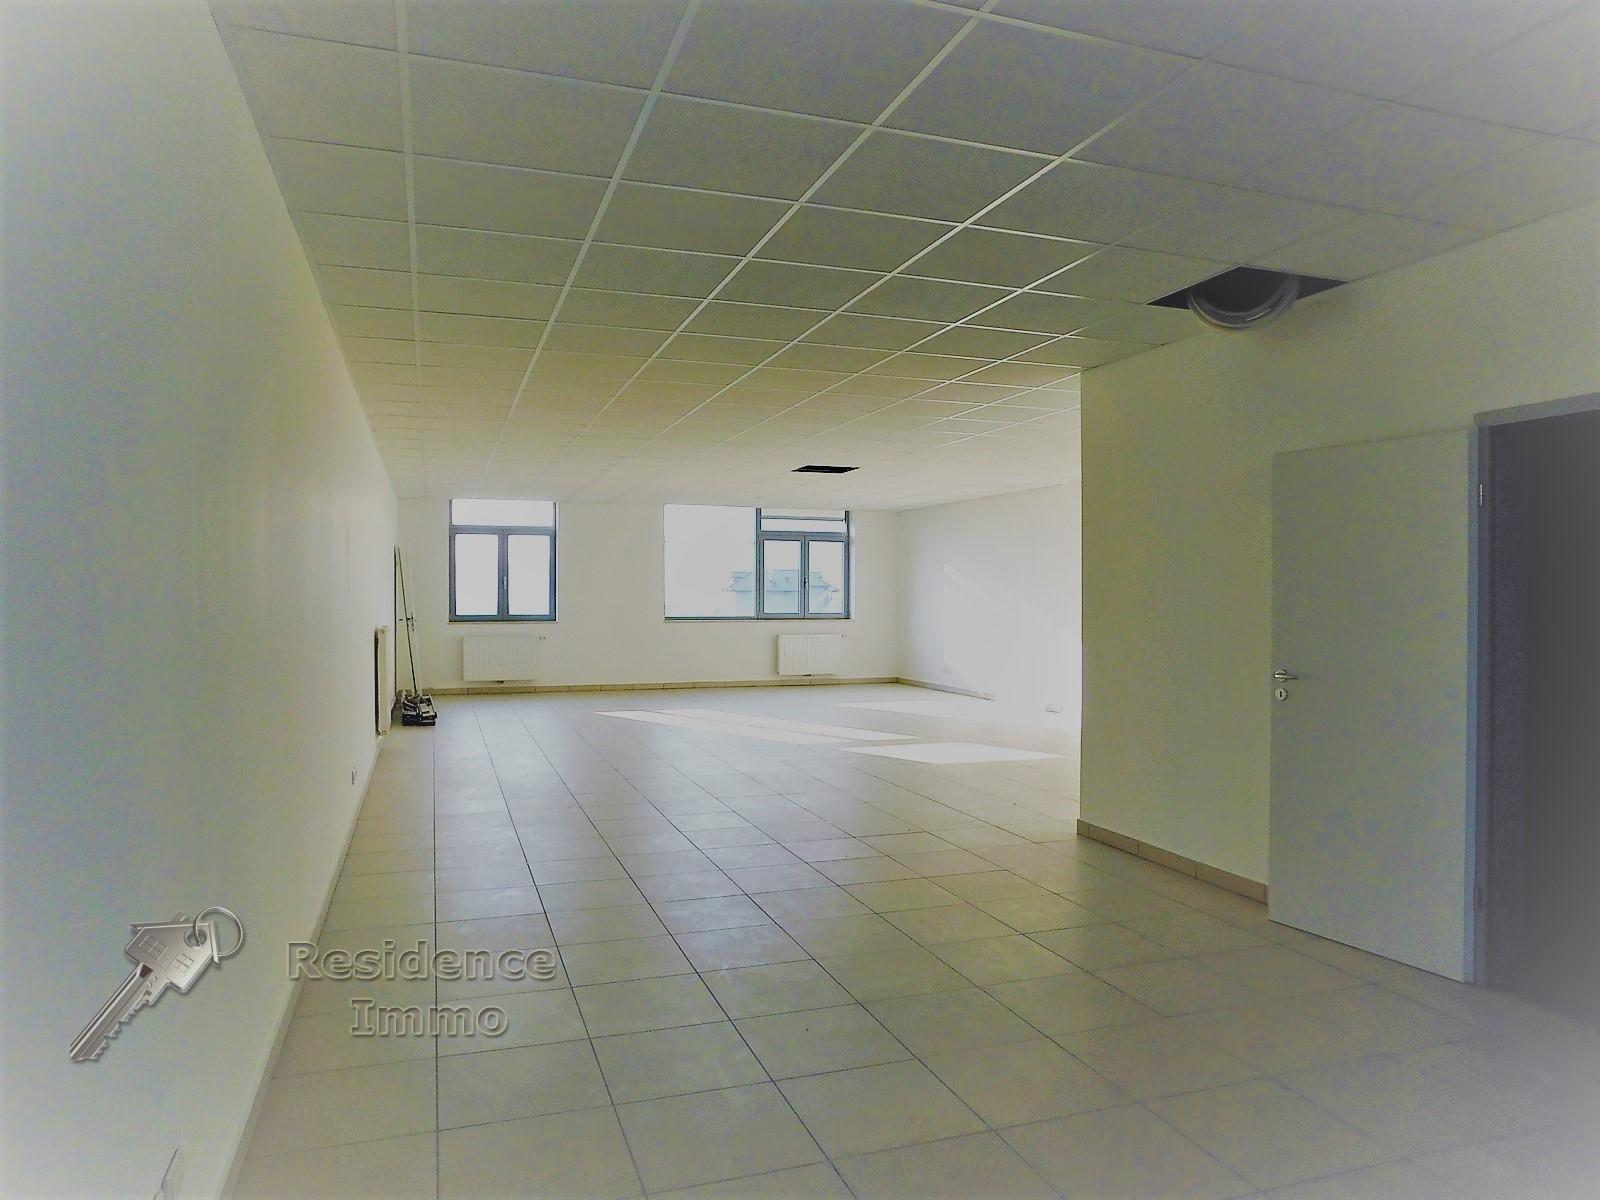 Ufficio / Studio in vendita a Andriano, 9999 locali, prezzo € 225.000   CambioCasa.it